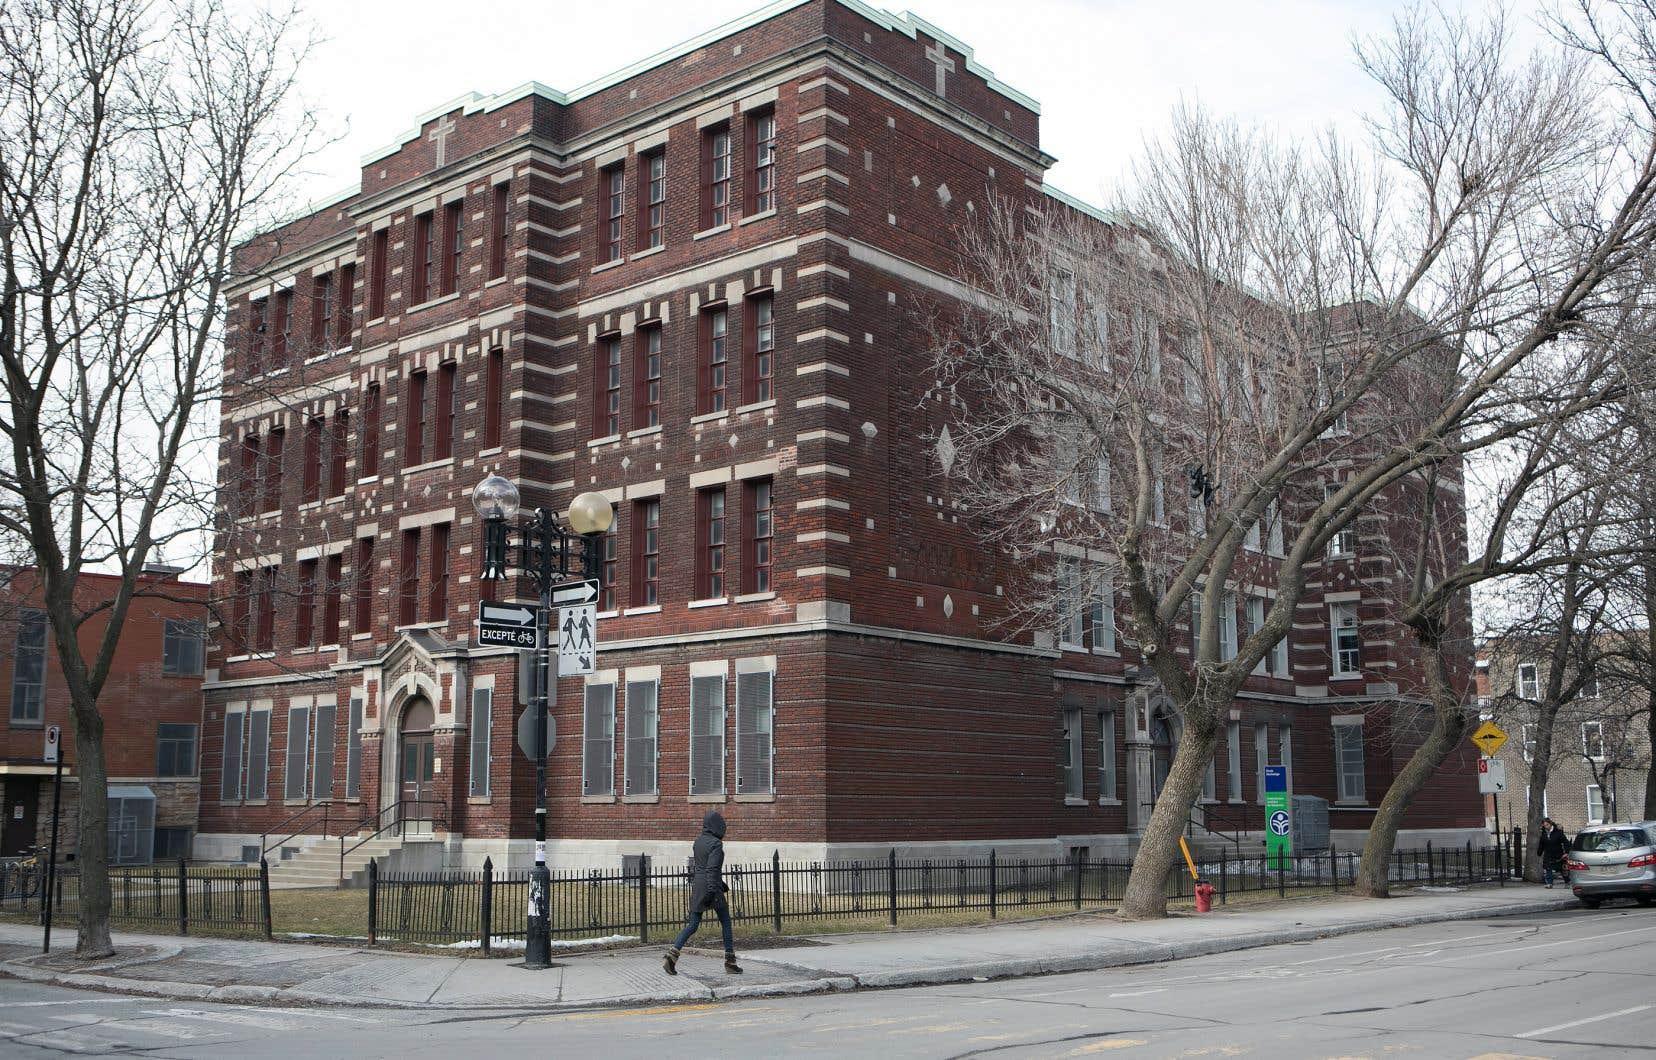 Les établissements scolaires du Québec, comme l'école Hochelaga à Montréal, souffrent d'un manque d'entretien.